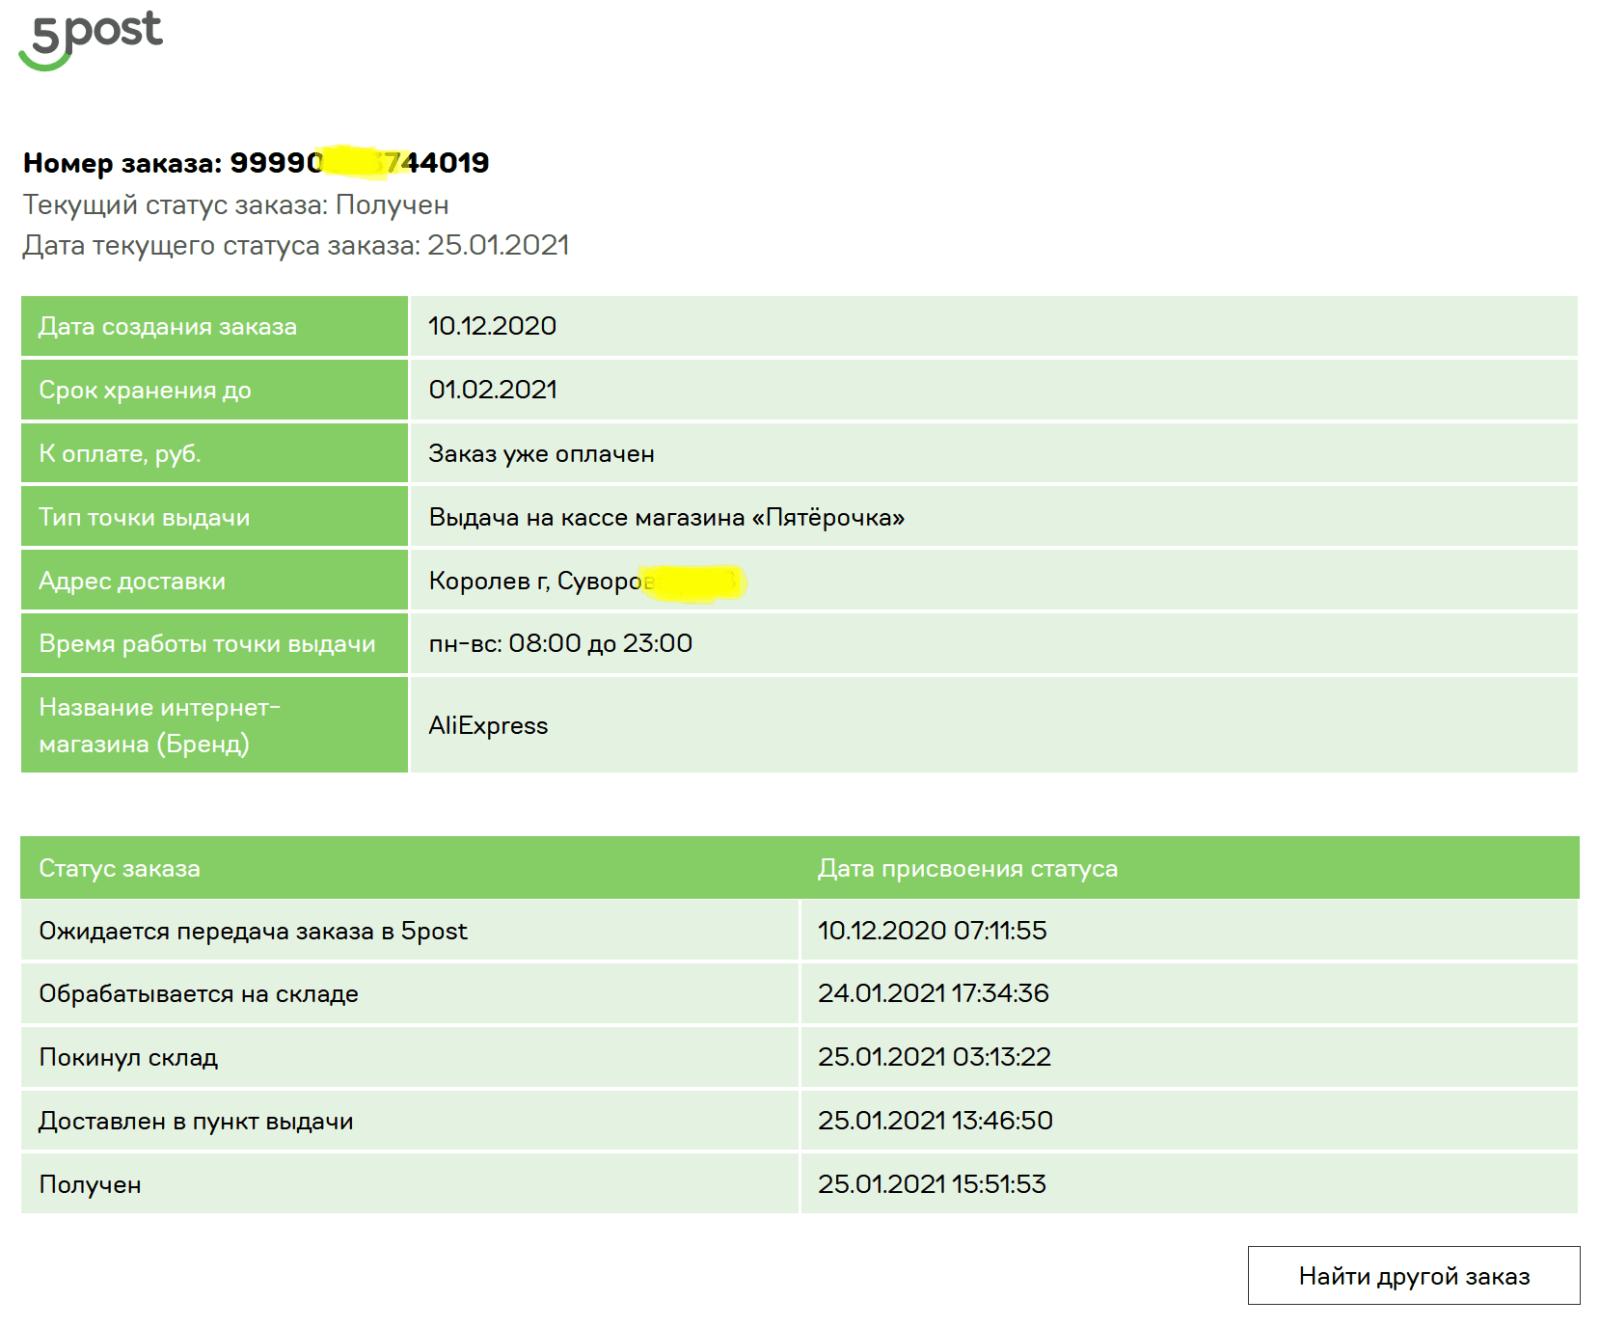 отслеживание статуса посылки по трекинг номеру без регистрации